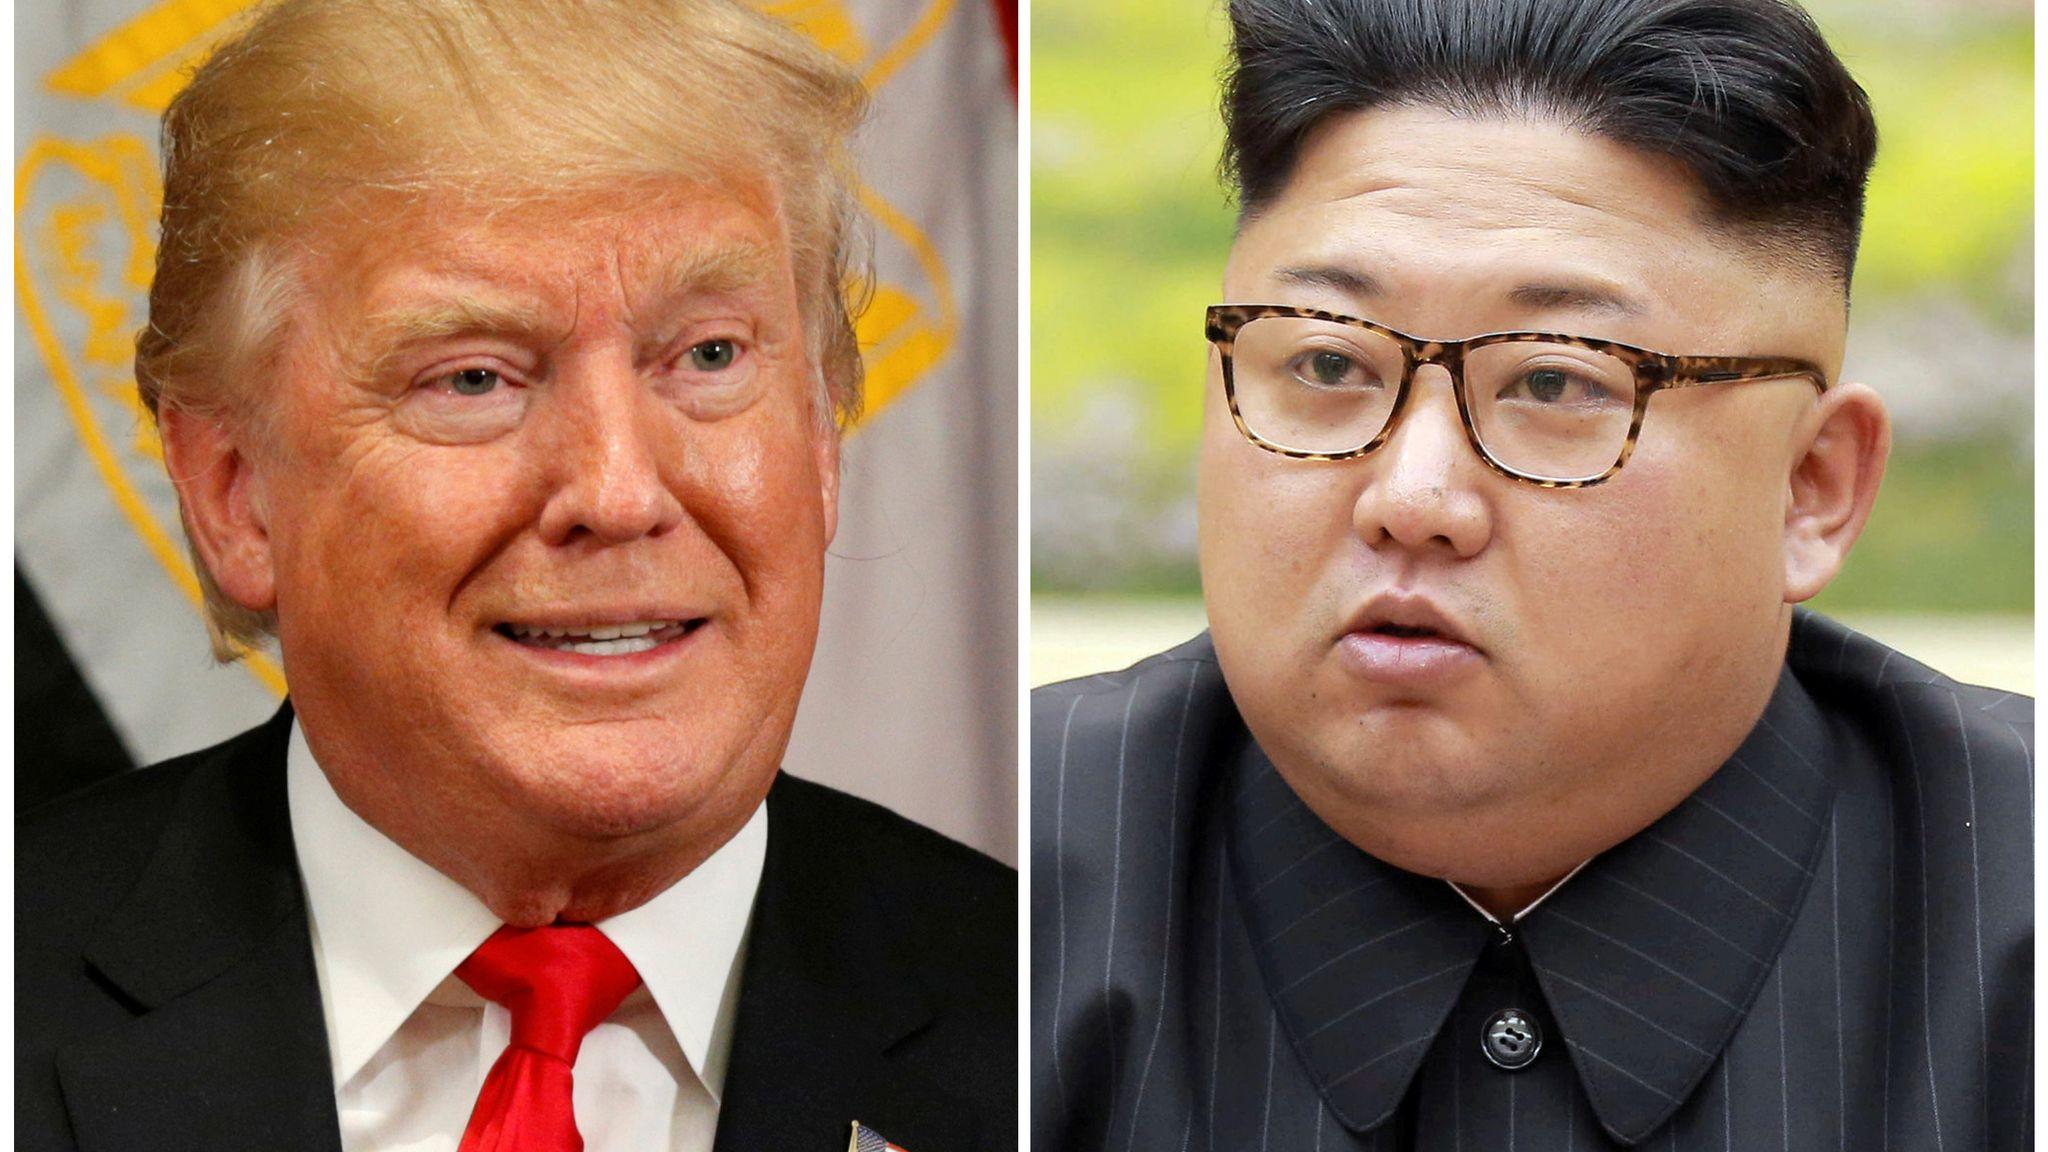 f15a87960 Sør-Korea: Vil jobbe hardt for vellykket møte mellom Trump og Kim ...